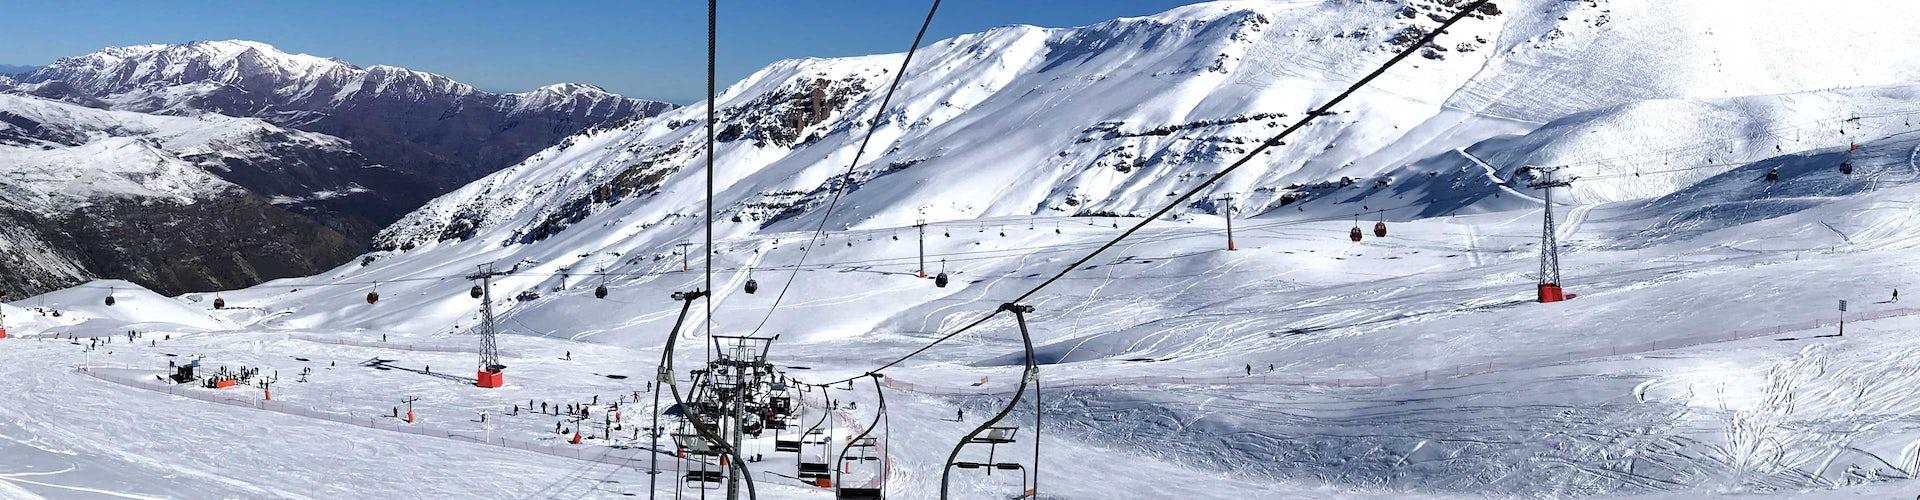 Valle Nevado Adobe Stock 162442900